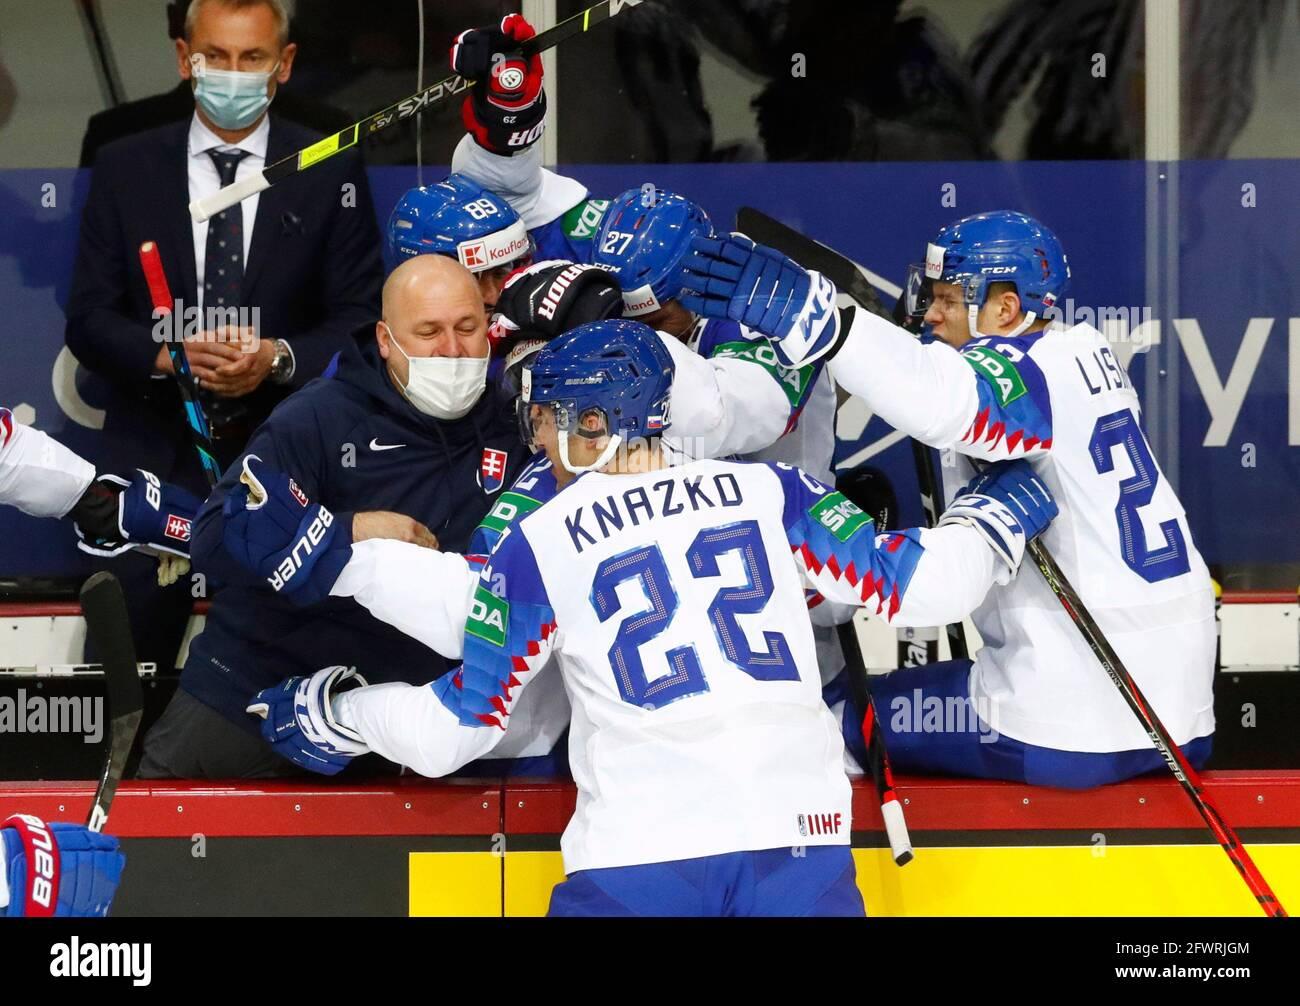 Eishockey-Weltmeisterschaft 2021